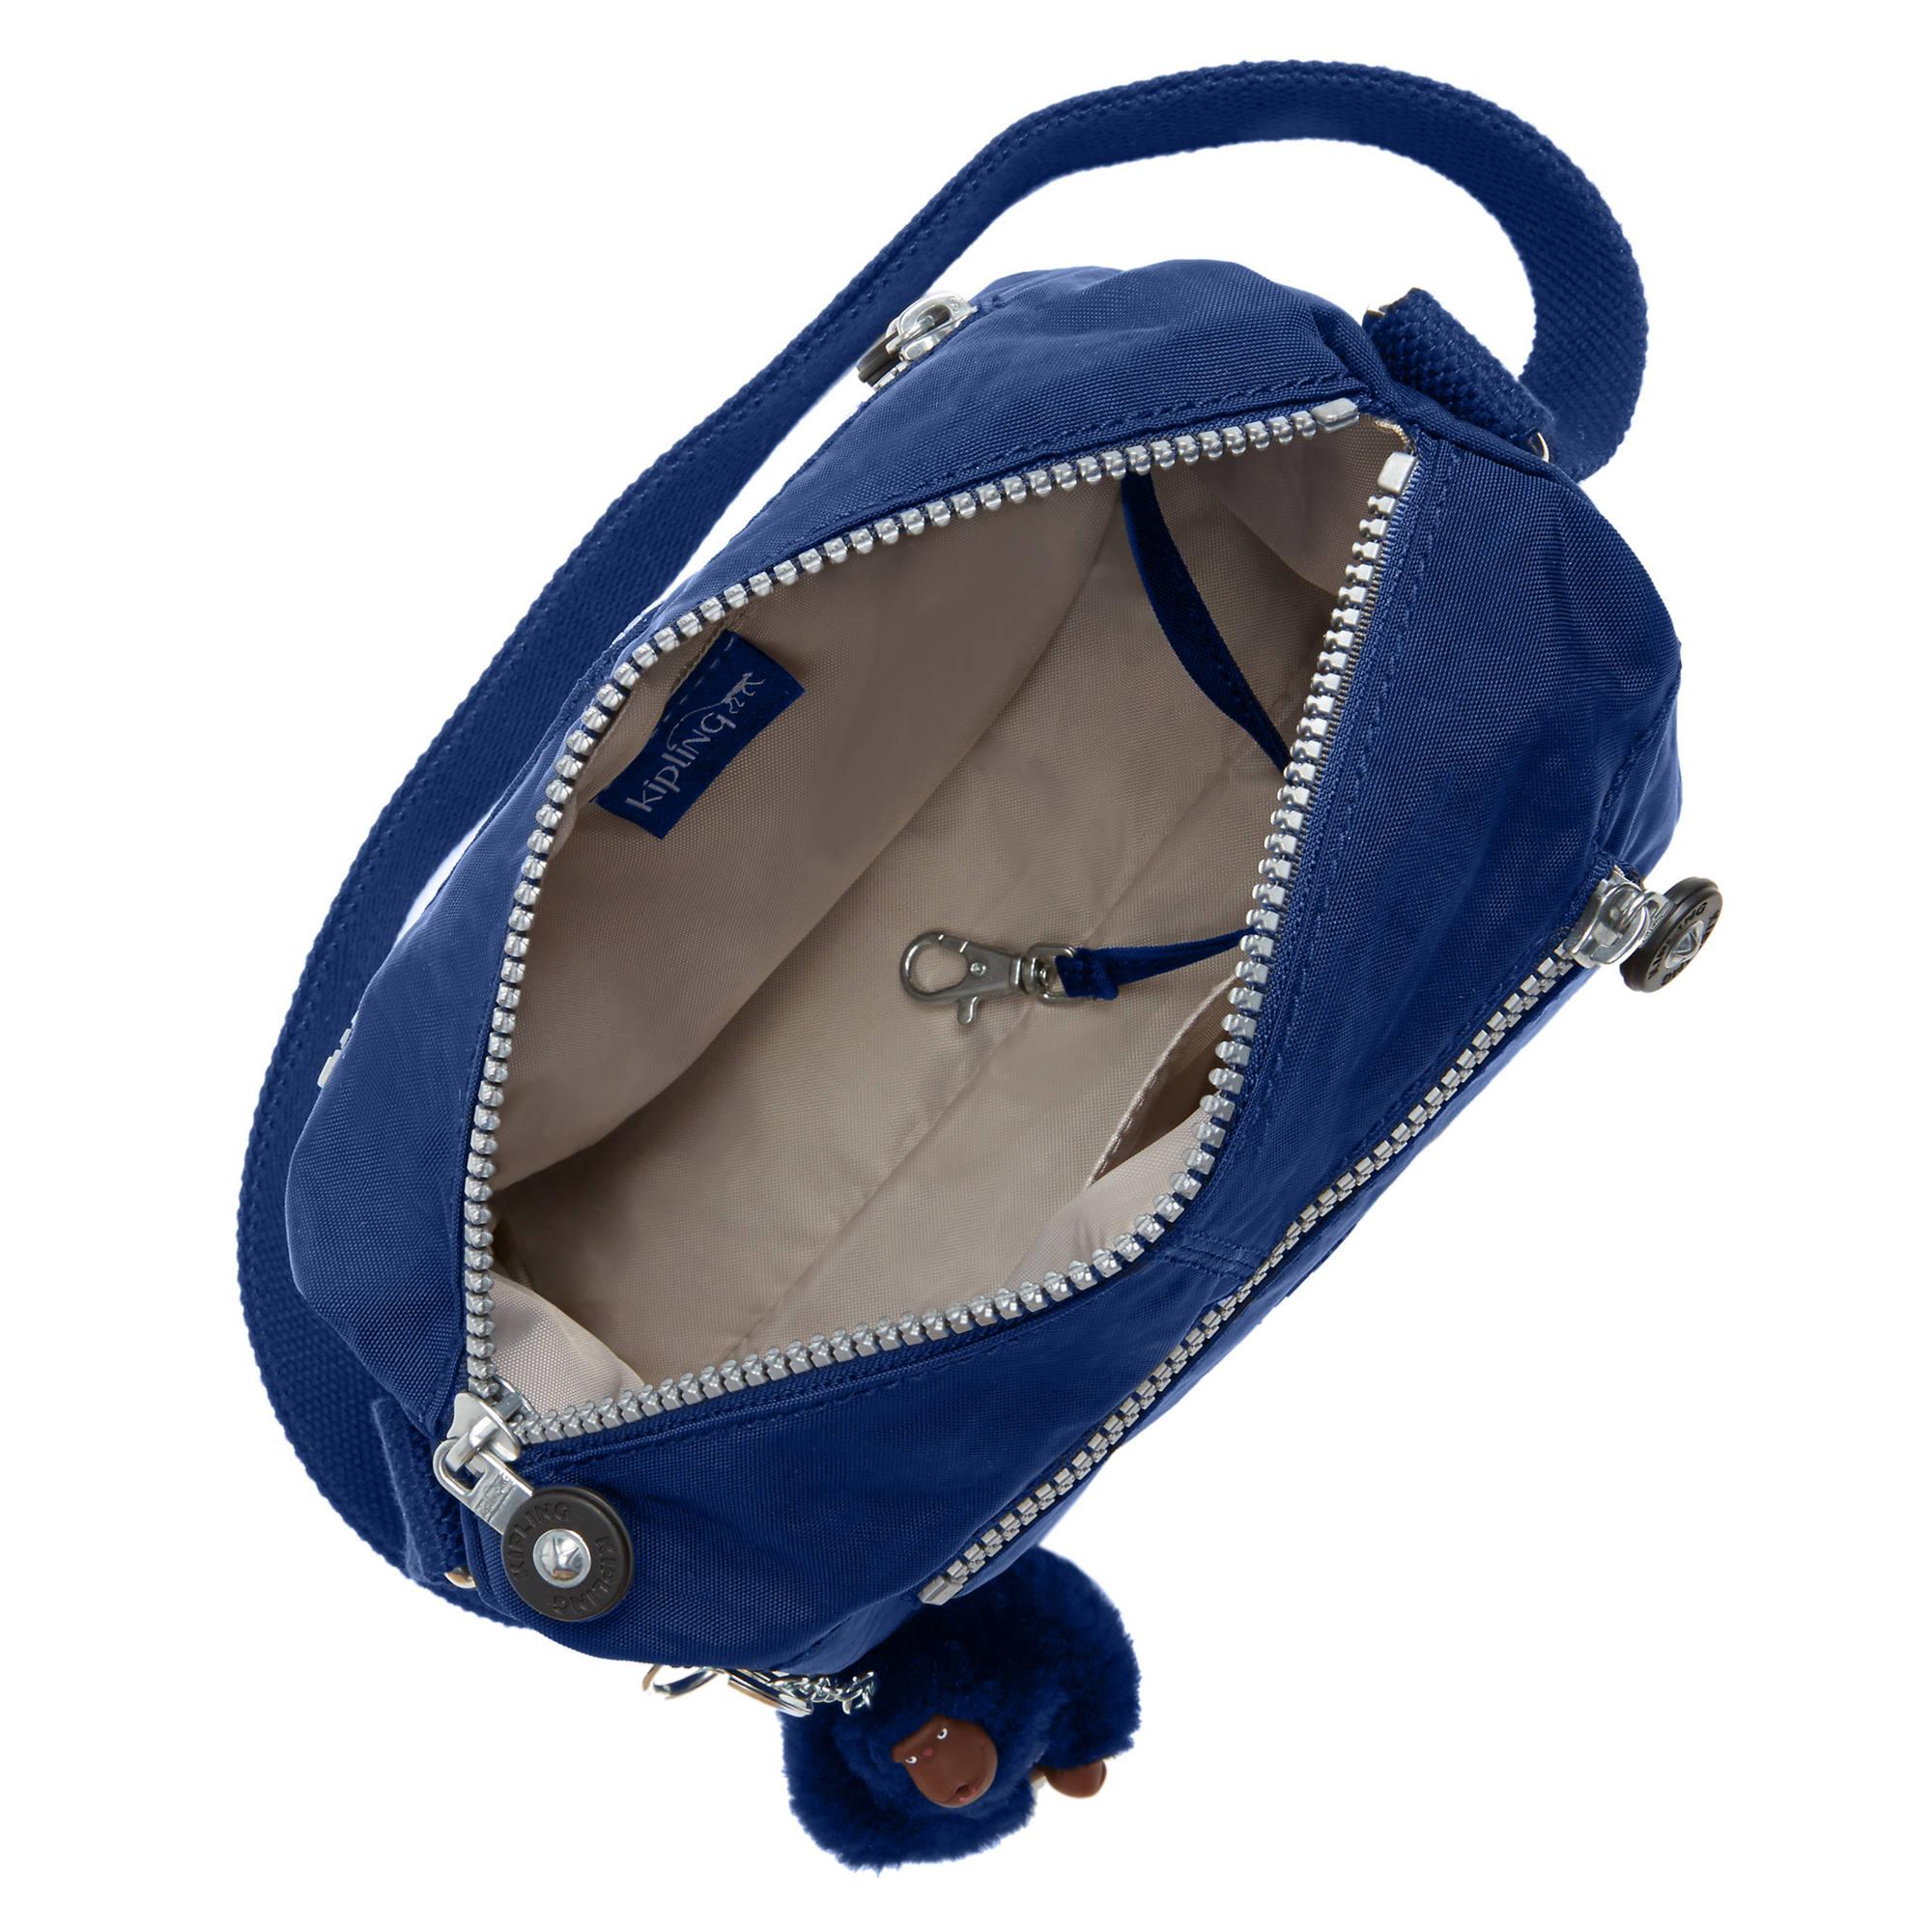 Kipling-Wes-Crossbody-Bag